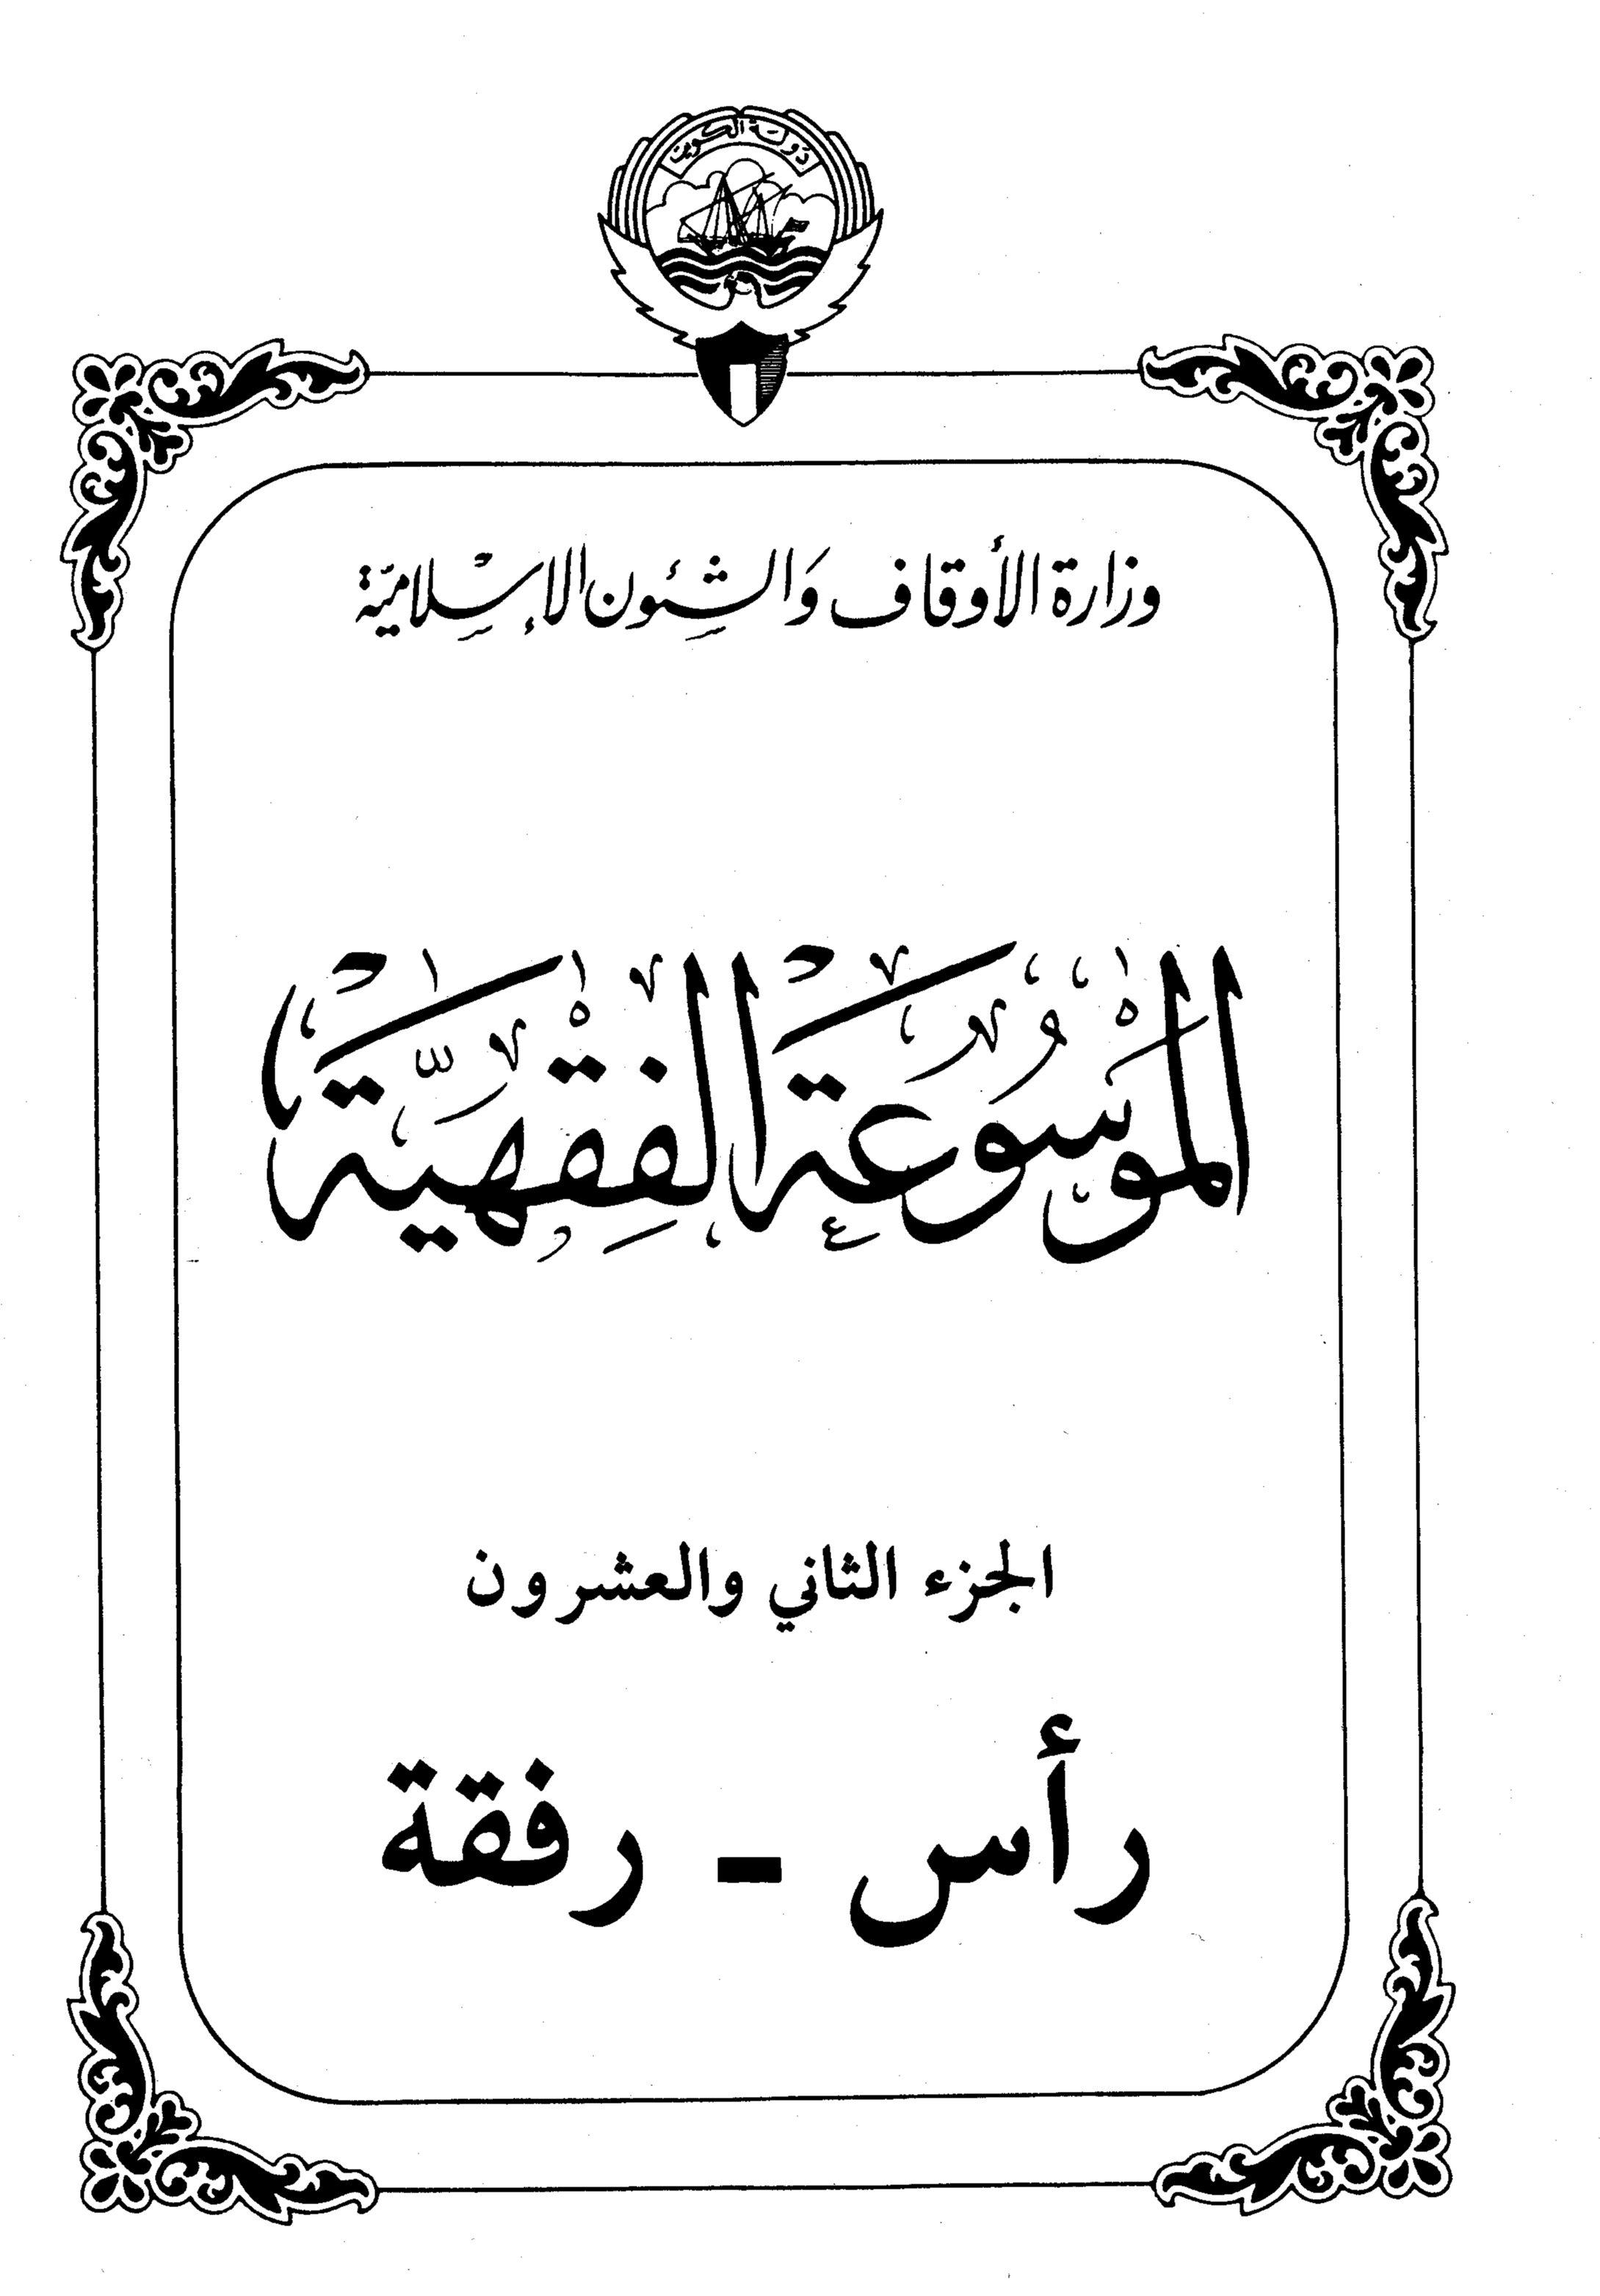 الموسوعة الفقهية الكويتية- الجزء الثاني والعشرون (رأس - رفقة)